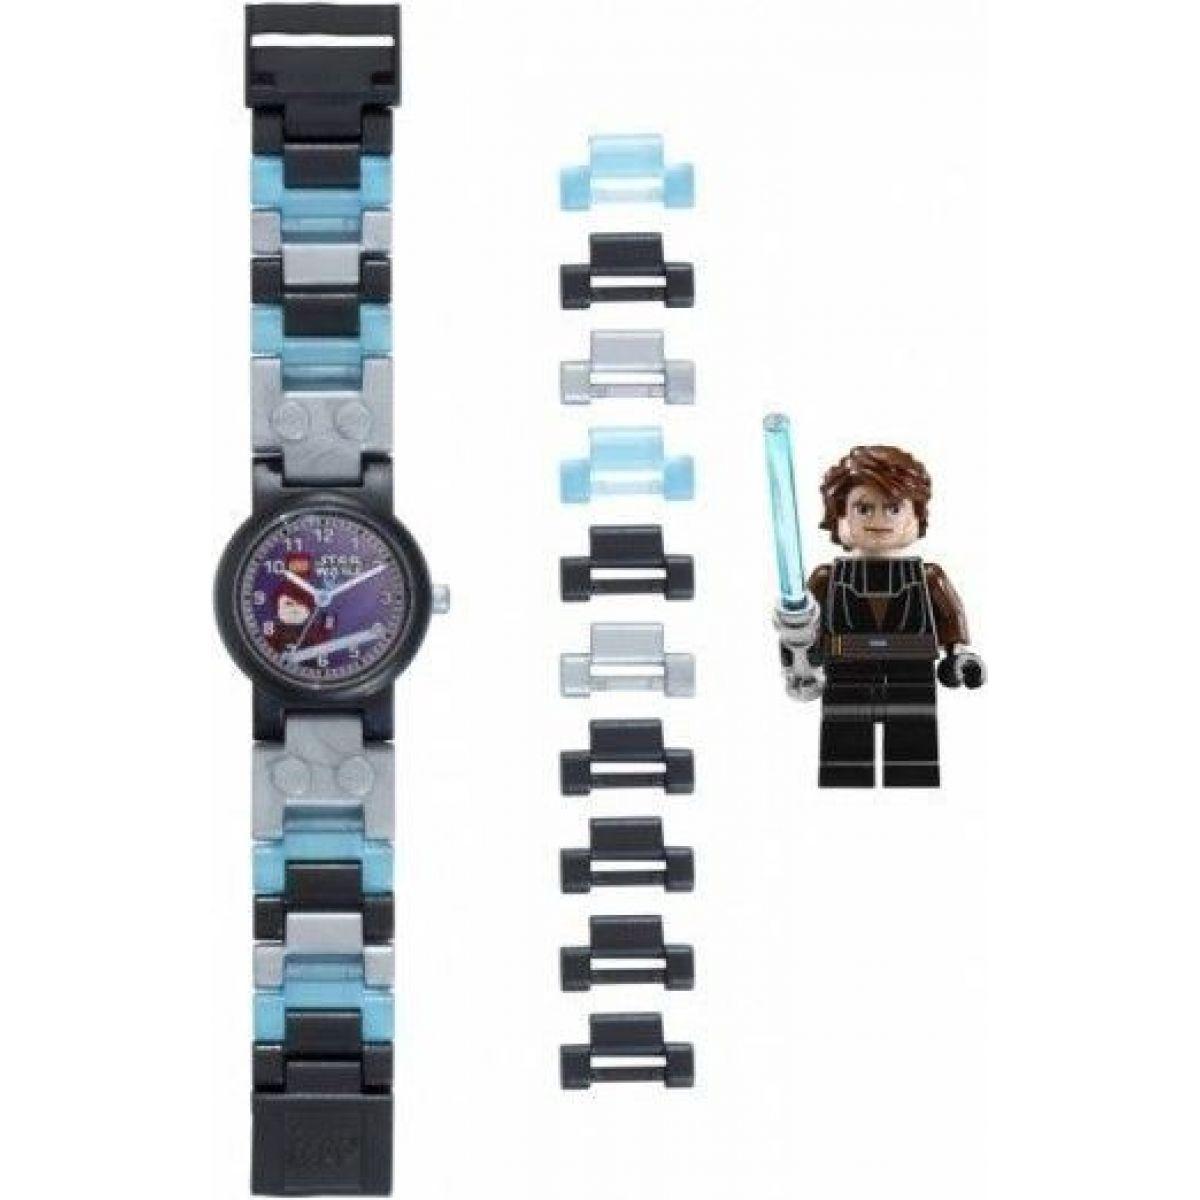 LEGO Star Wars Anakin Hodinky s minifigurkou